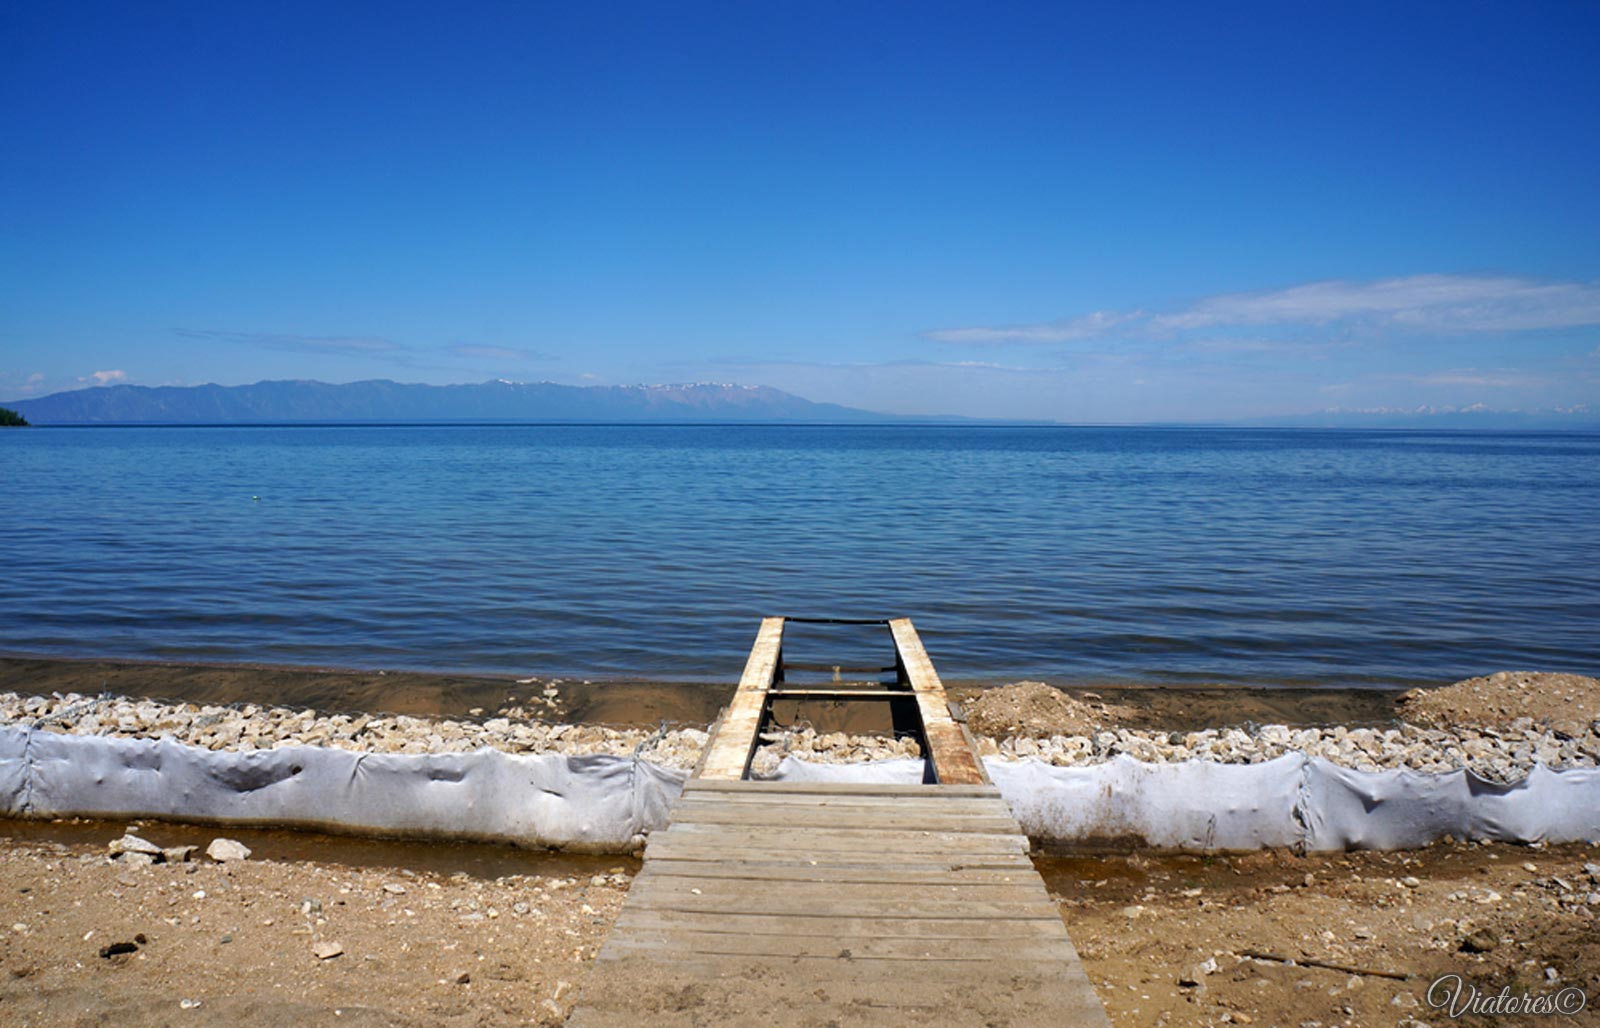 Бухта Максимиха. Баргузинский залив